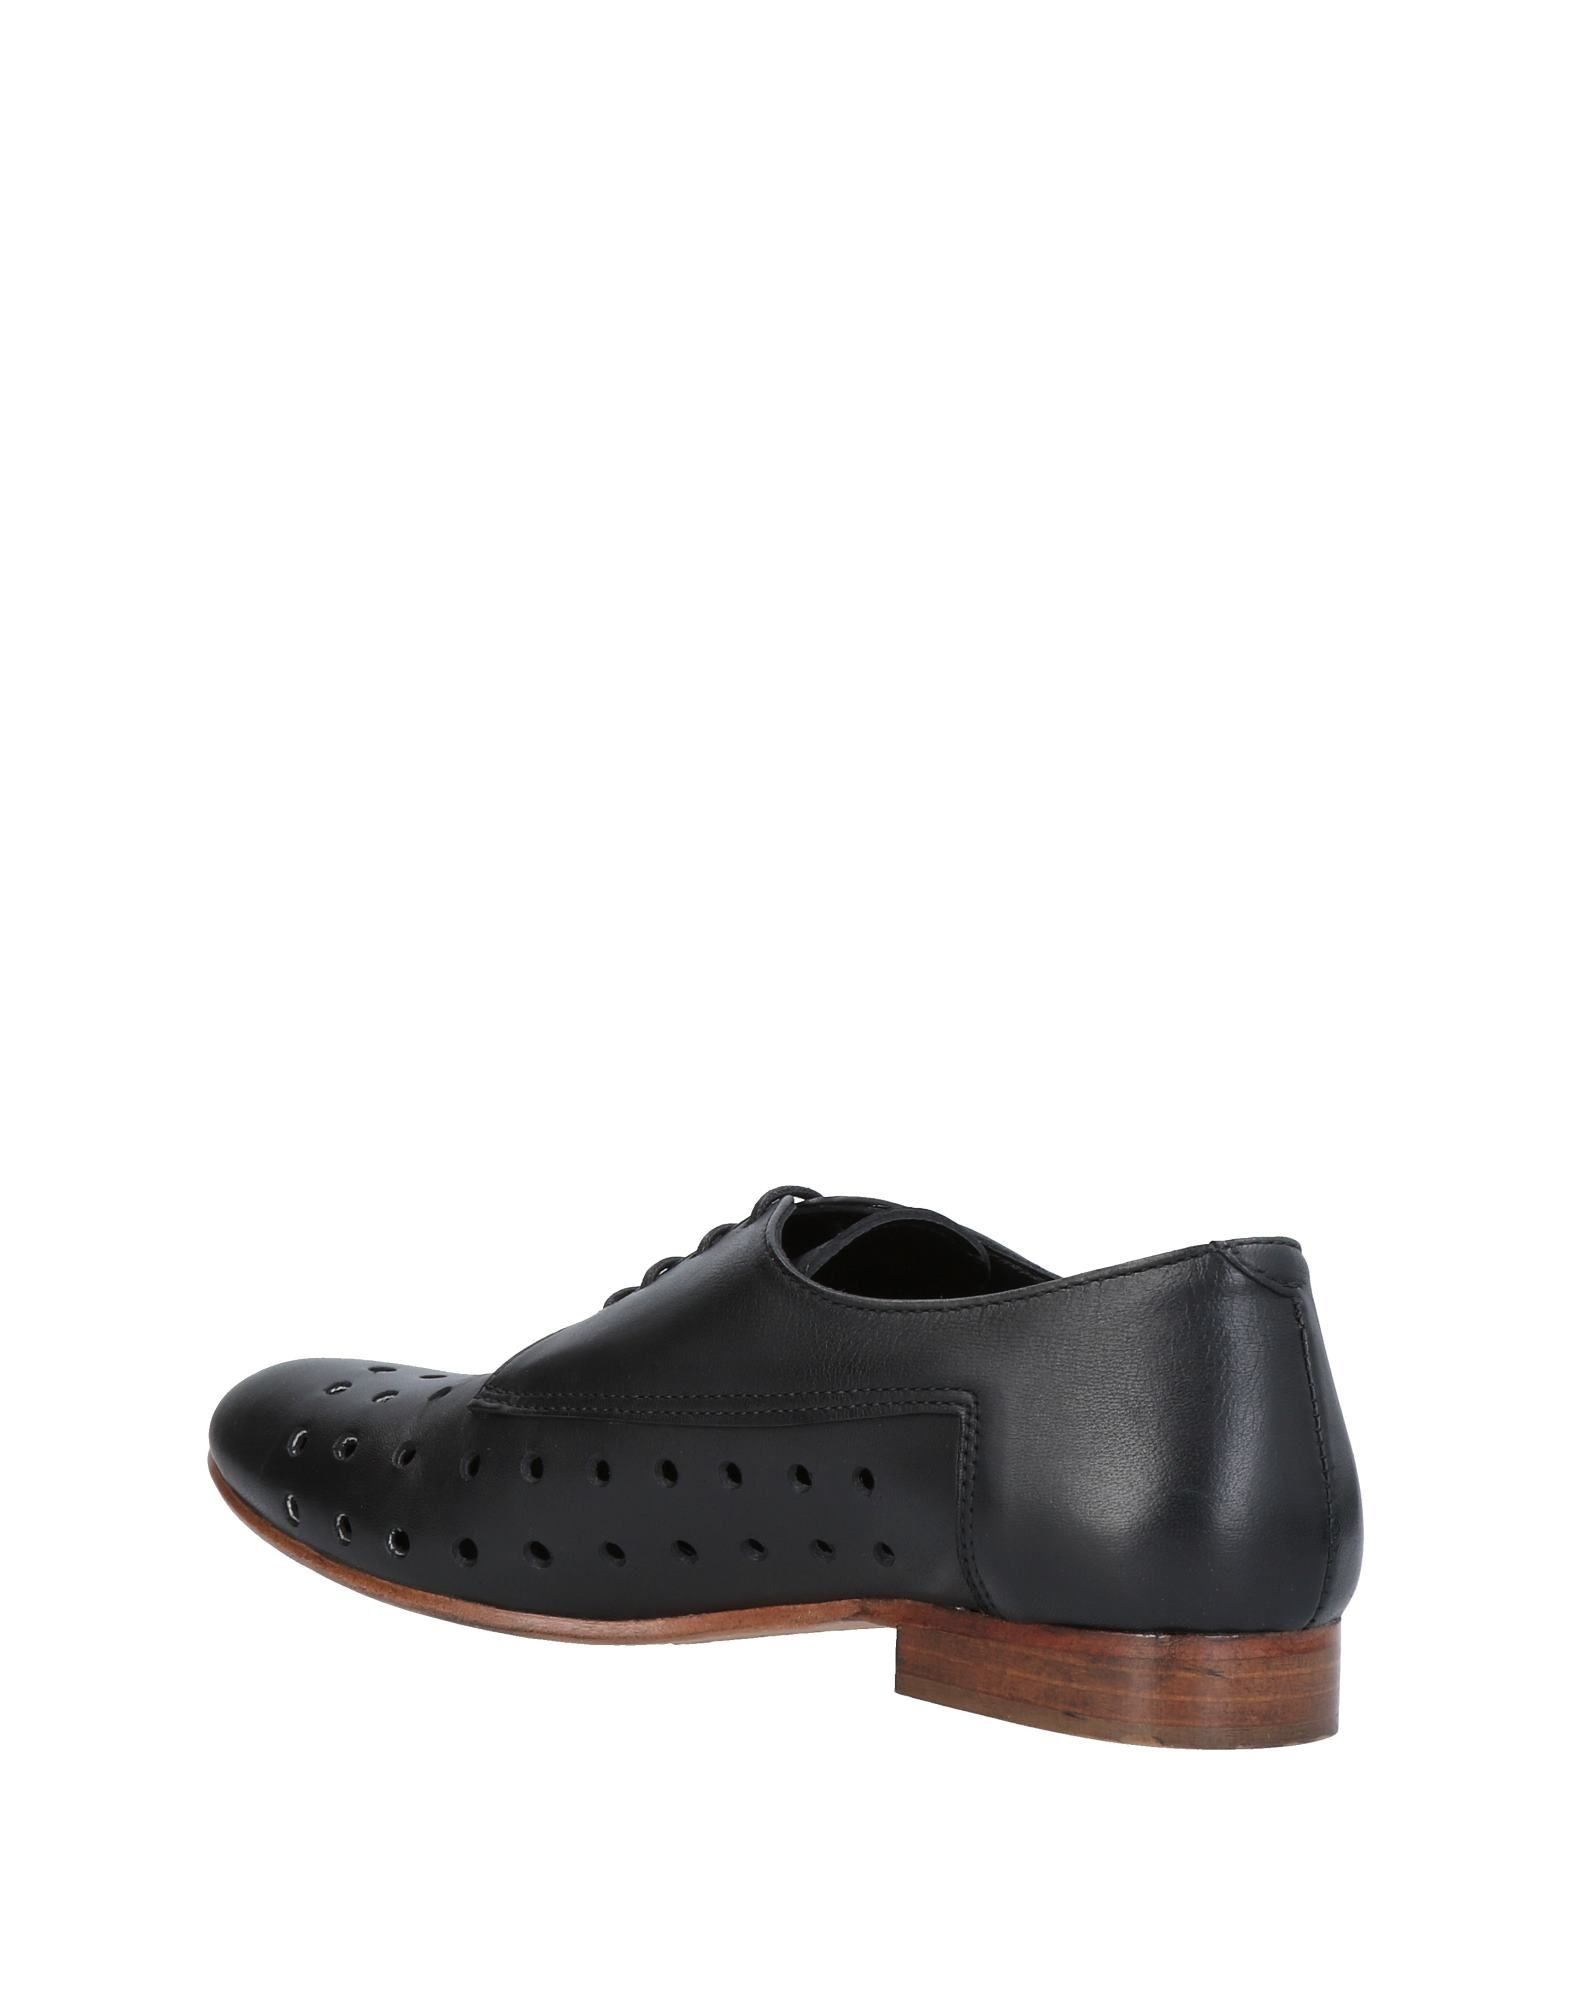 Chaussures À Lacets Le Privé Femme - Chaussures À Lacets Le Privé sur